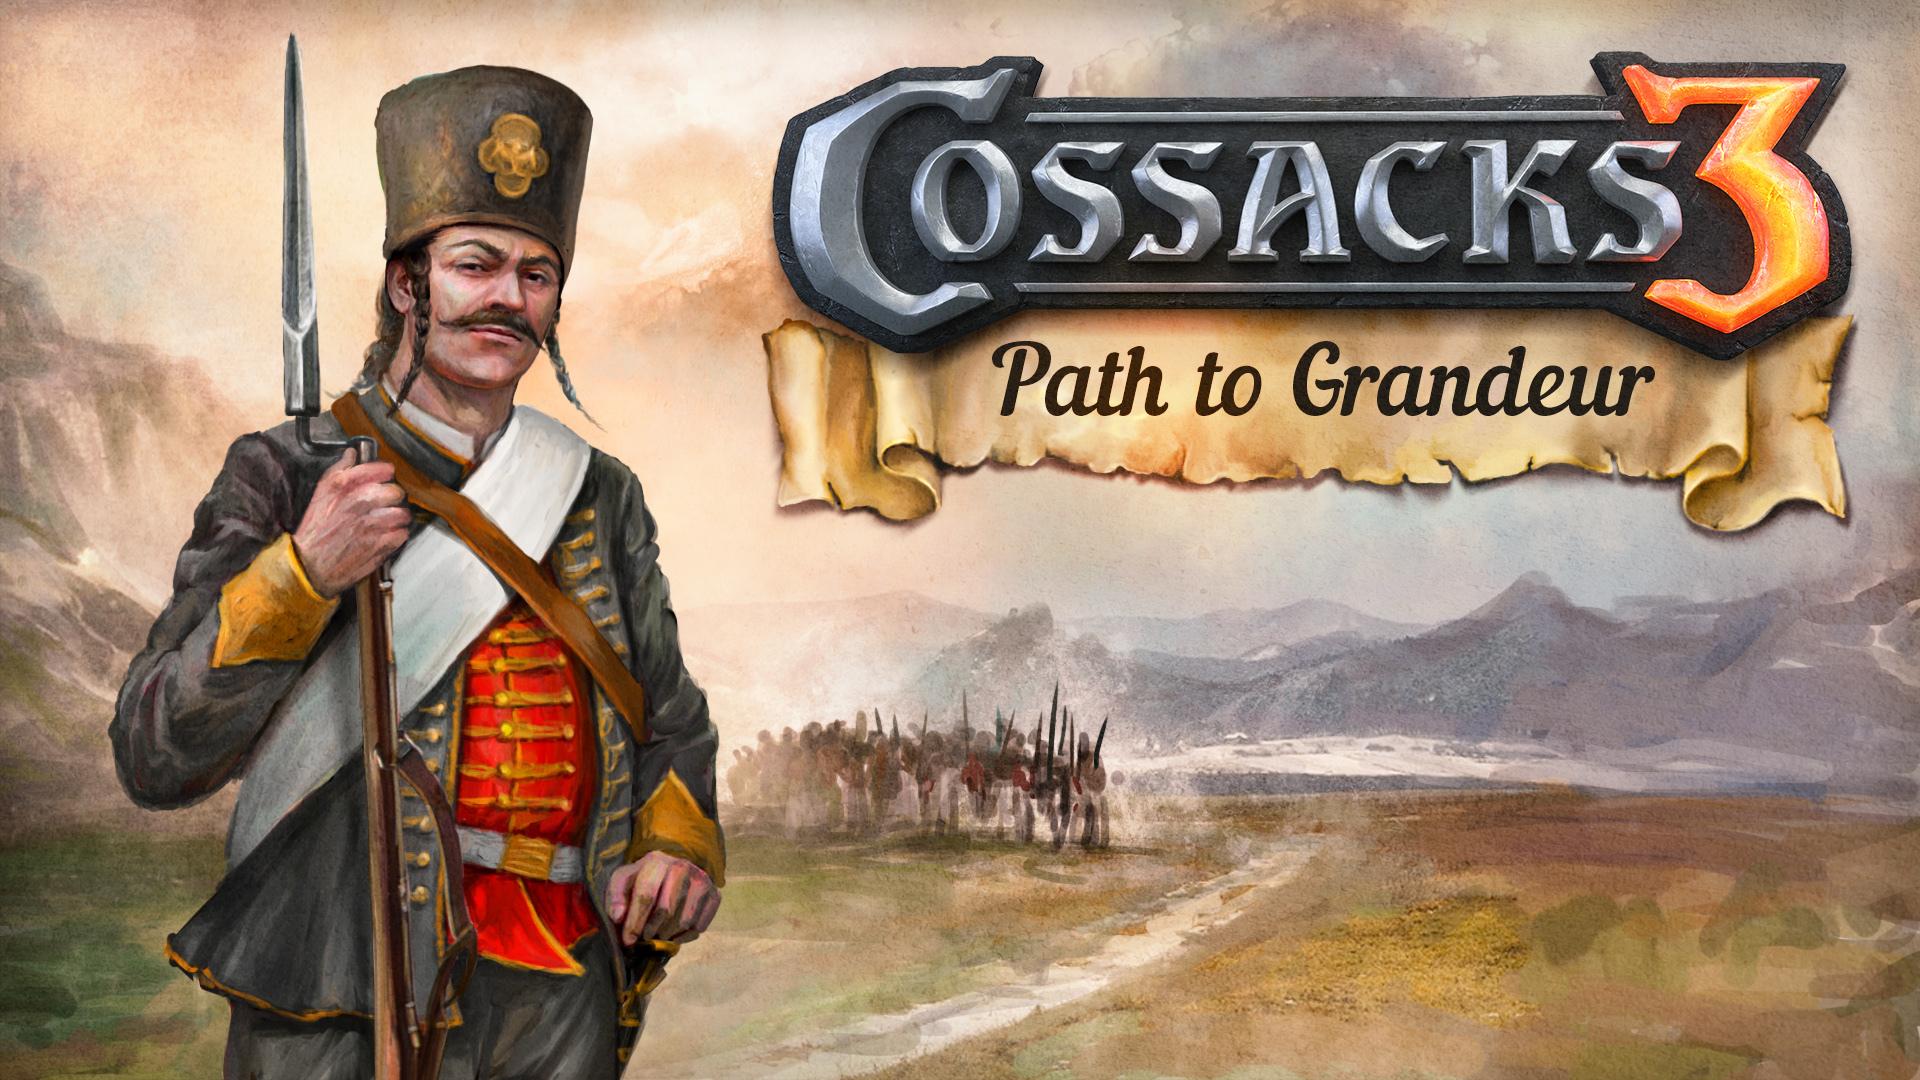 【情報】哥薩克3資料片part3-Path to Grandeur @哥薩克:征服與榮耀 哈啦板 - 巴哈姆特